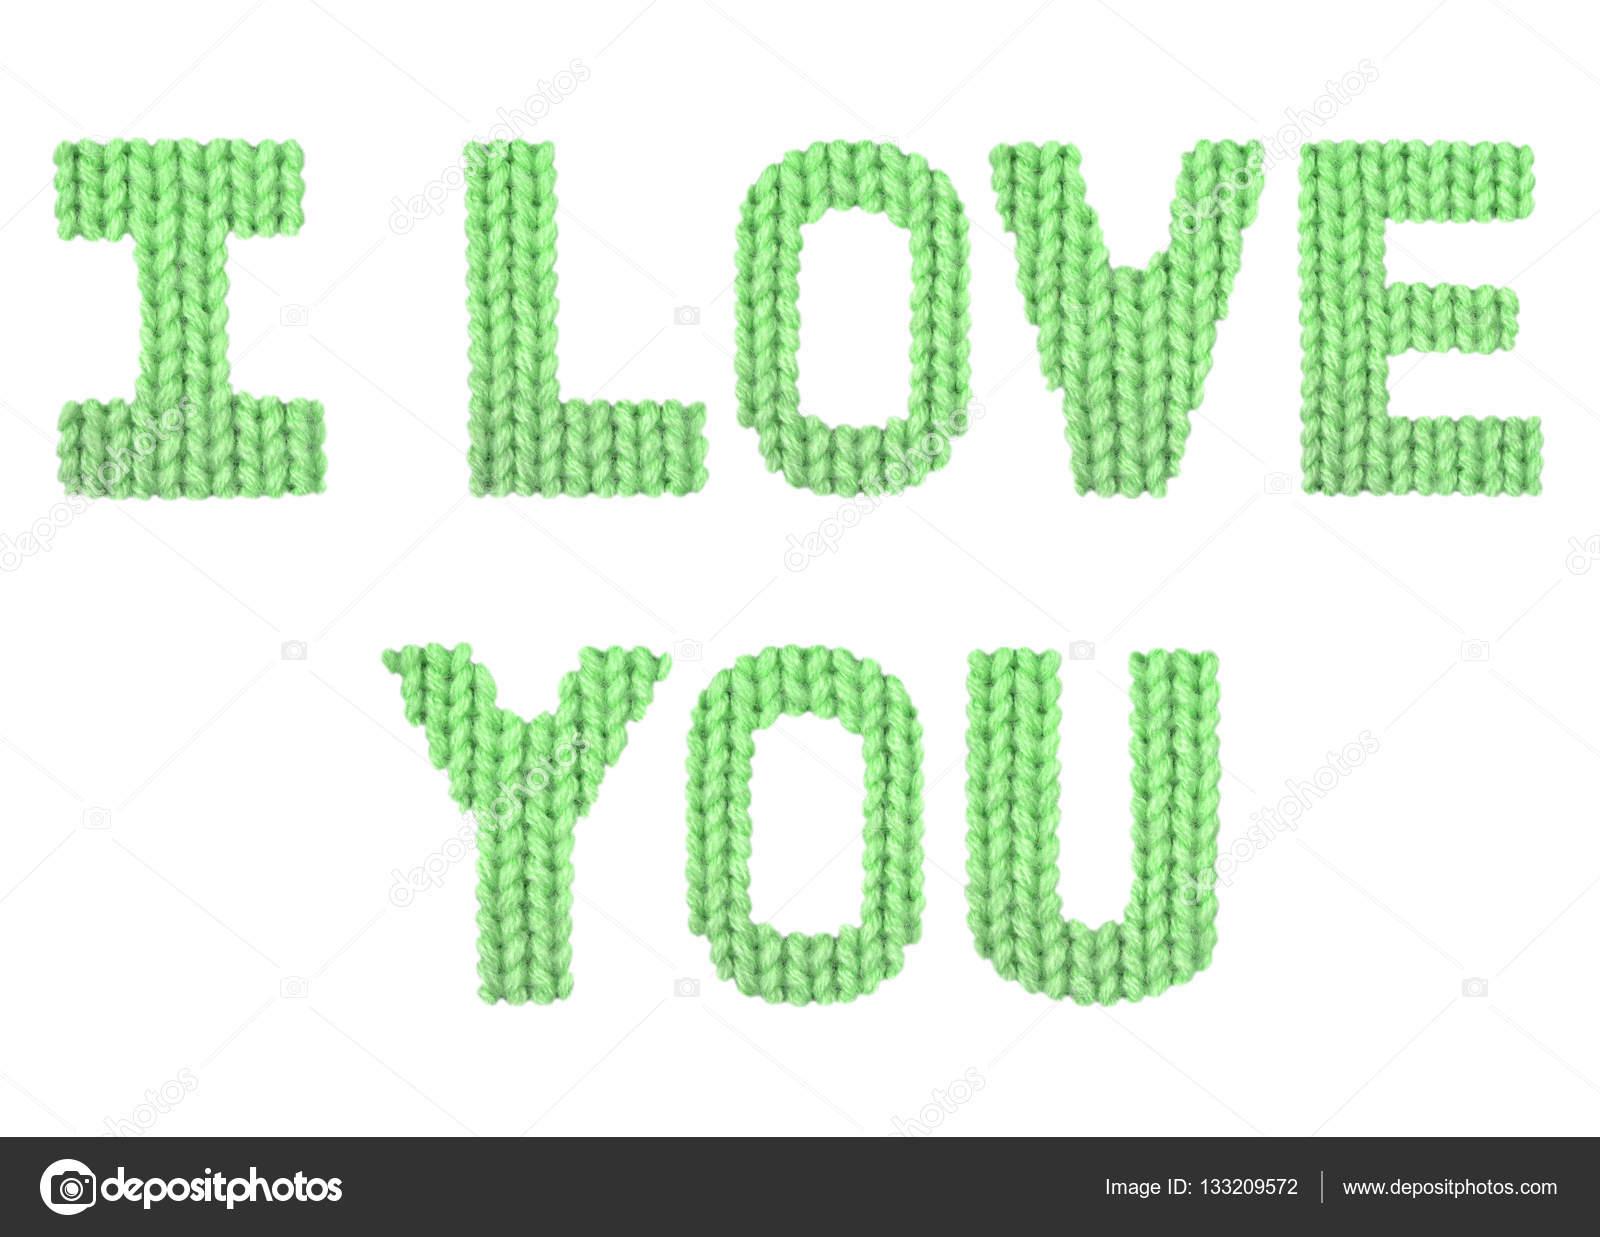 I Love You Imágenes De Stock I Love You Fotos De Stock: Stock Photo © Lbrfzhjpf.gmail